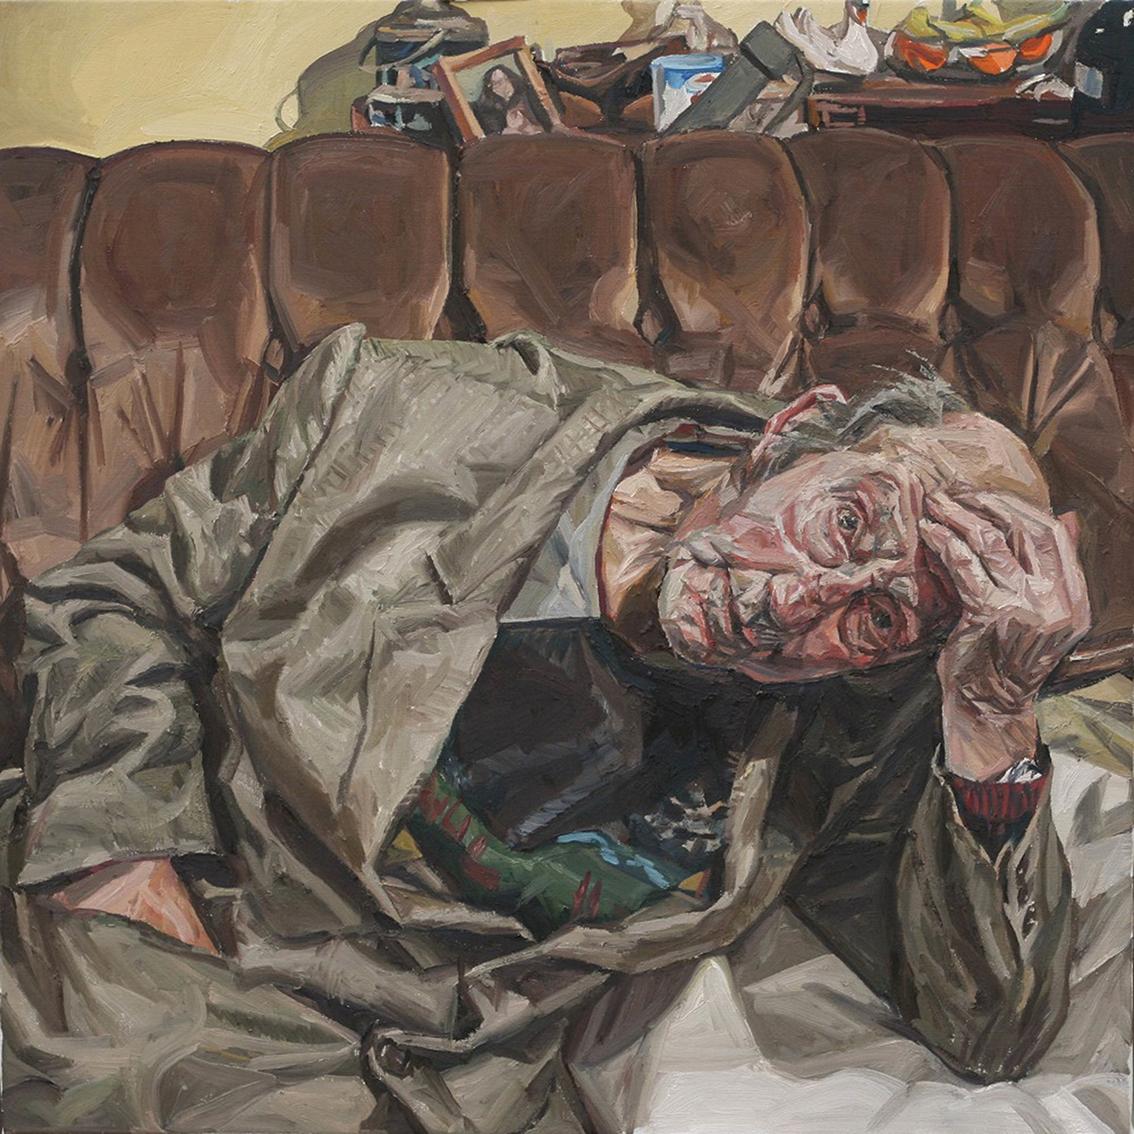 Richard Allen, DCTH, oil on linen, 65 x 65 x 5,  http://www.richard-allen.com